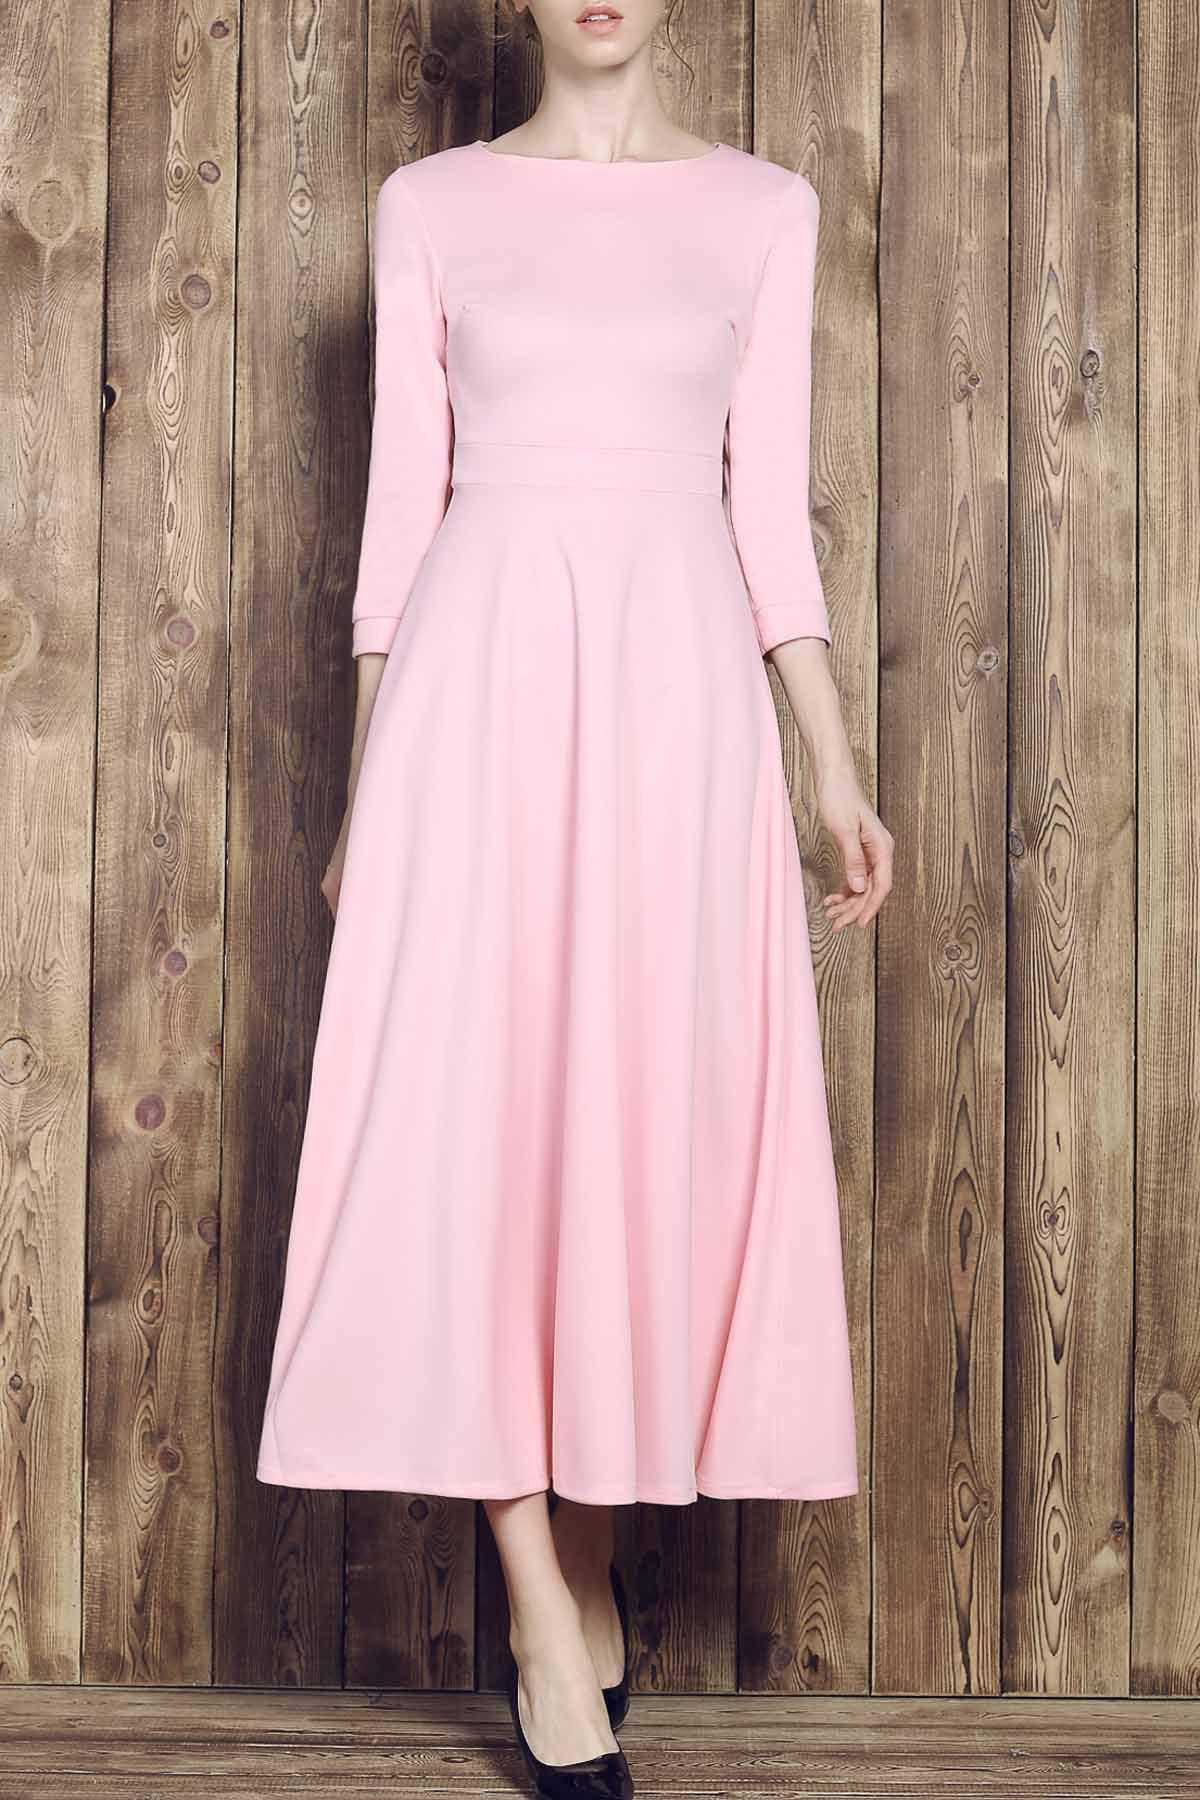 Fall Long Sleeve Maxi Dresses